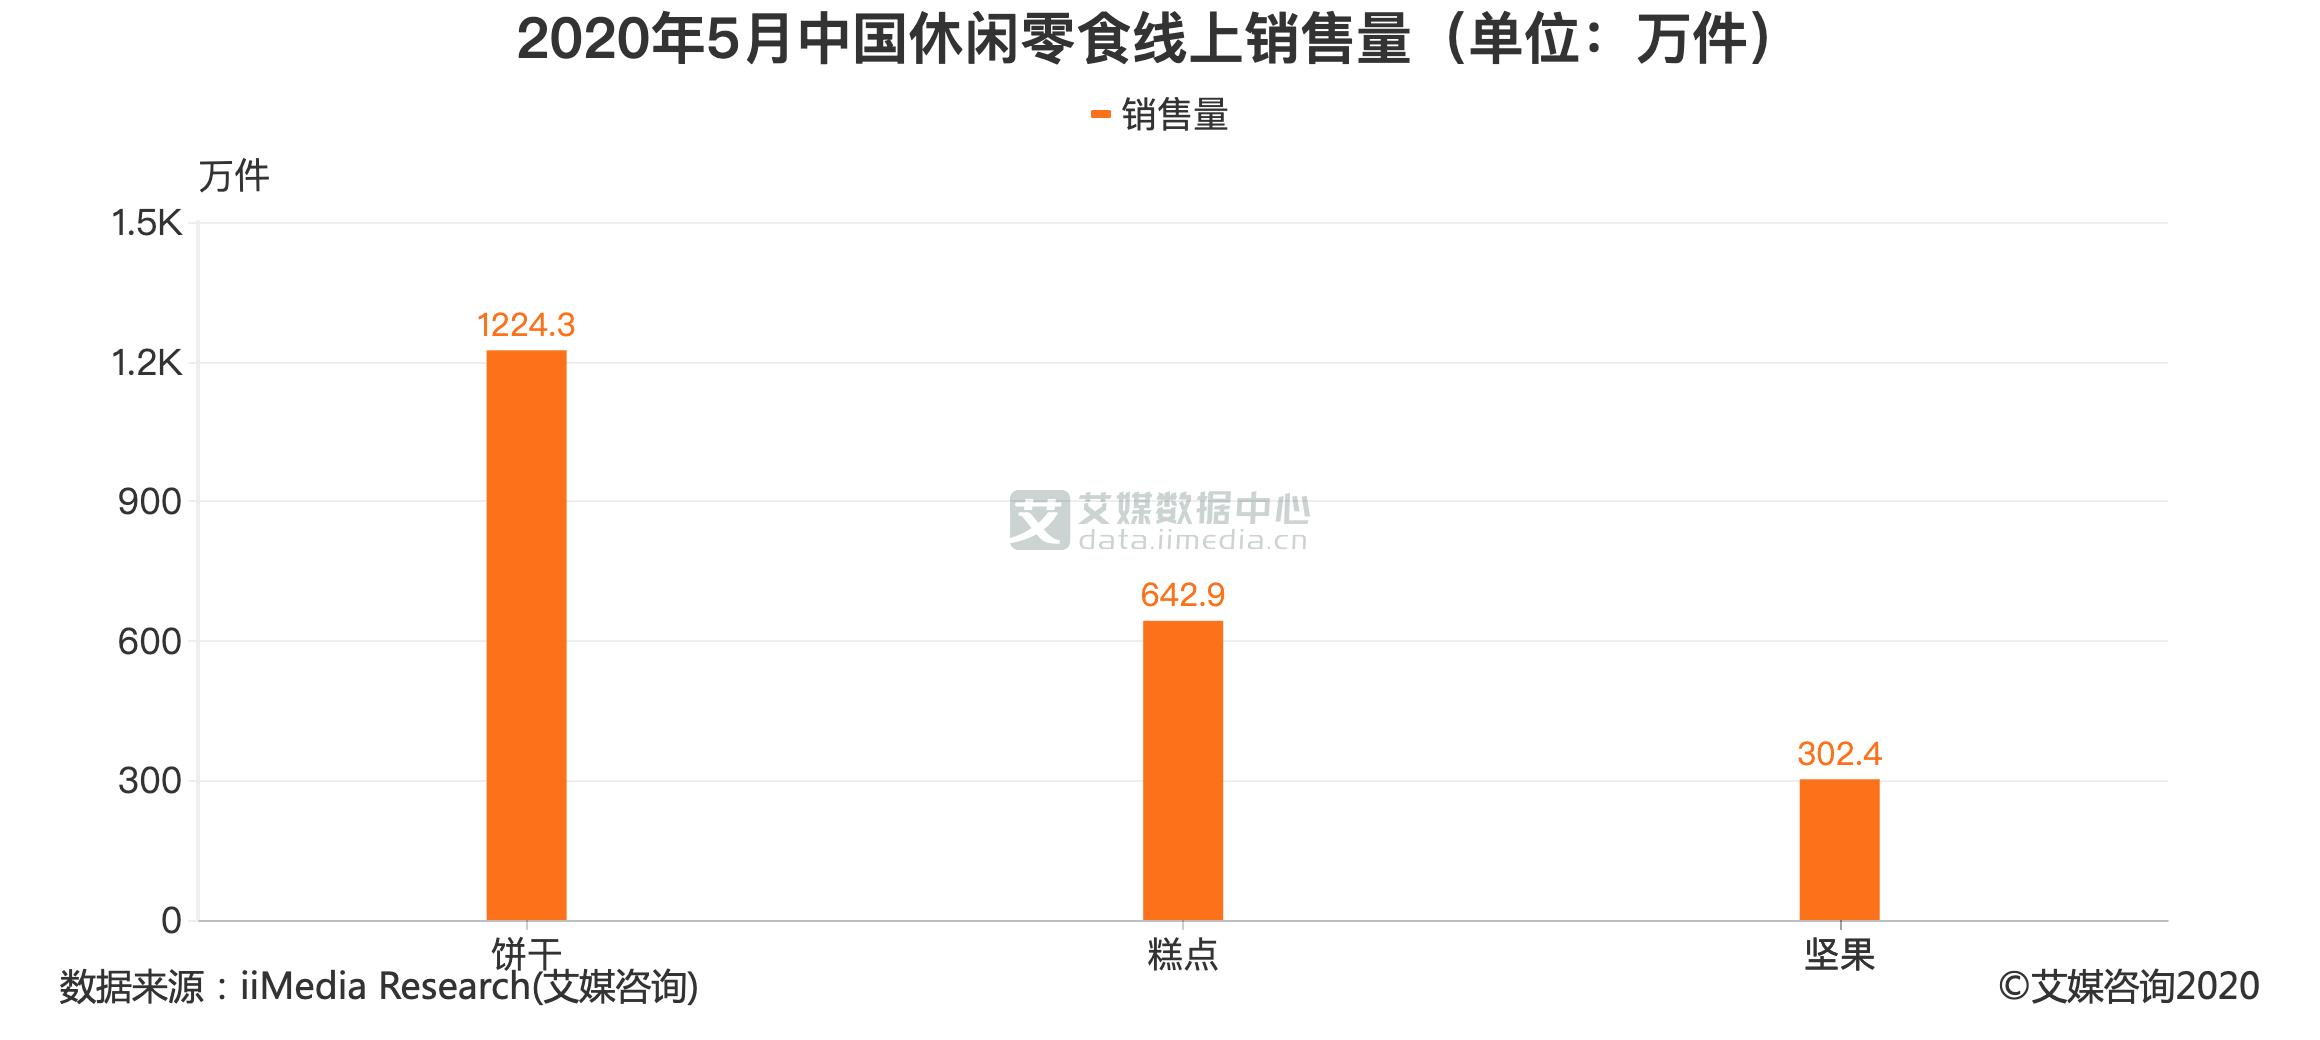 2020年5月中国休闲零食线上销售量(单位:万件)